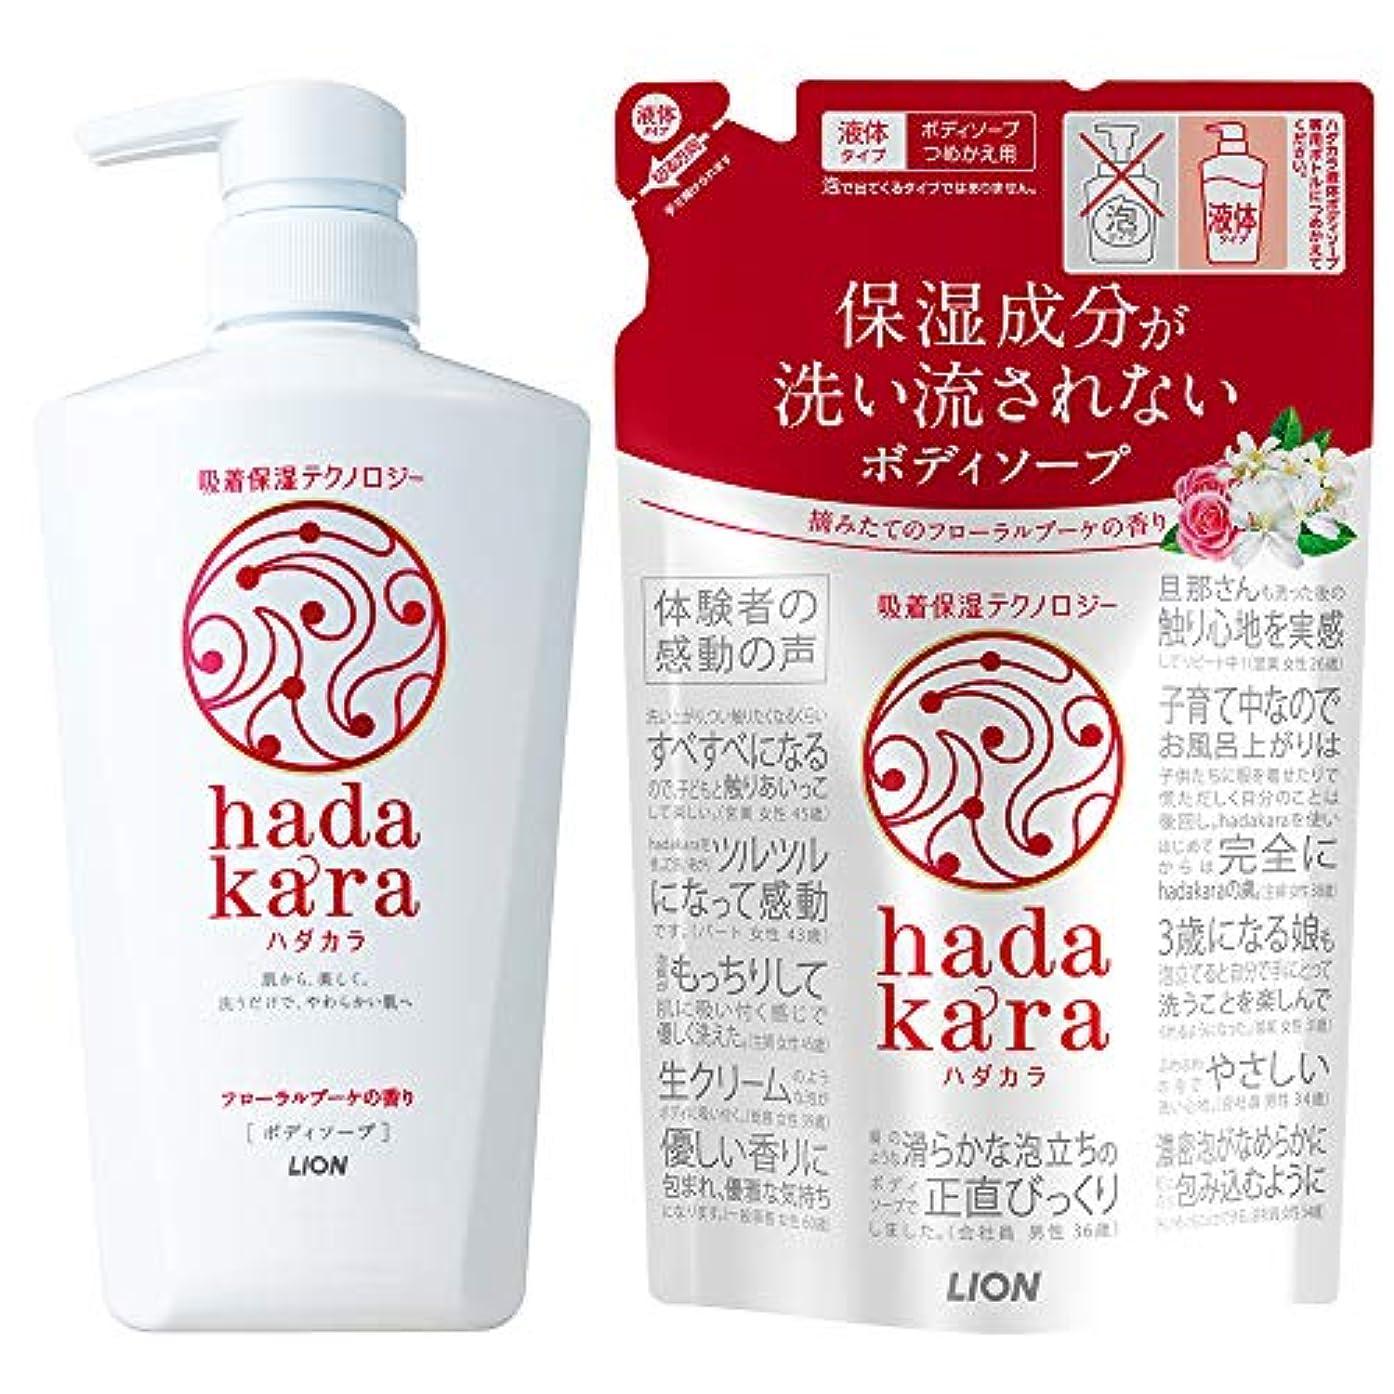 噴出するマーベルフィードオンhadakara(ハダカラ) ボディソープ フレッシュフローラルの香り 本体500ml+つめかえ360ml セット +